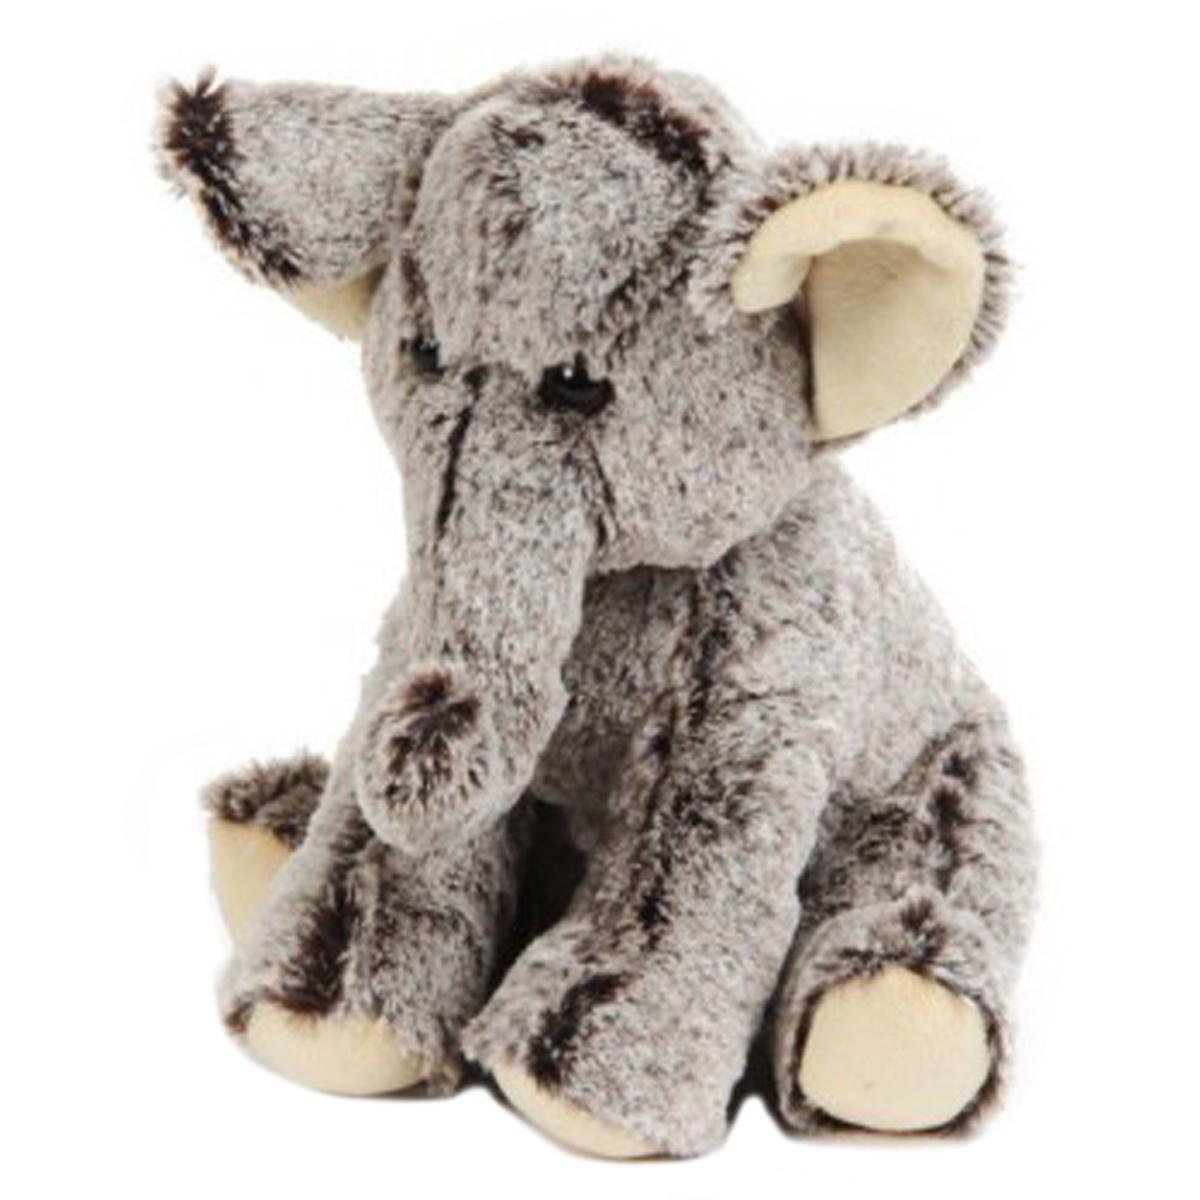 Peluche créateur \'Eléphant\' gris - 22x18x18 cm - [Q2028]